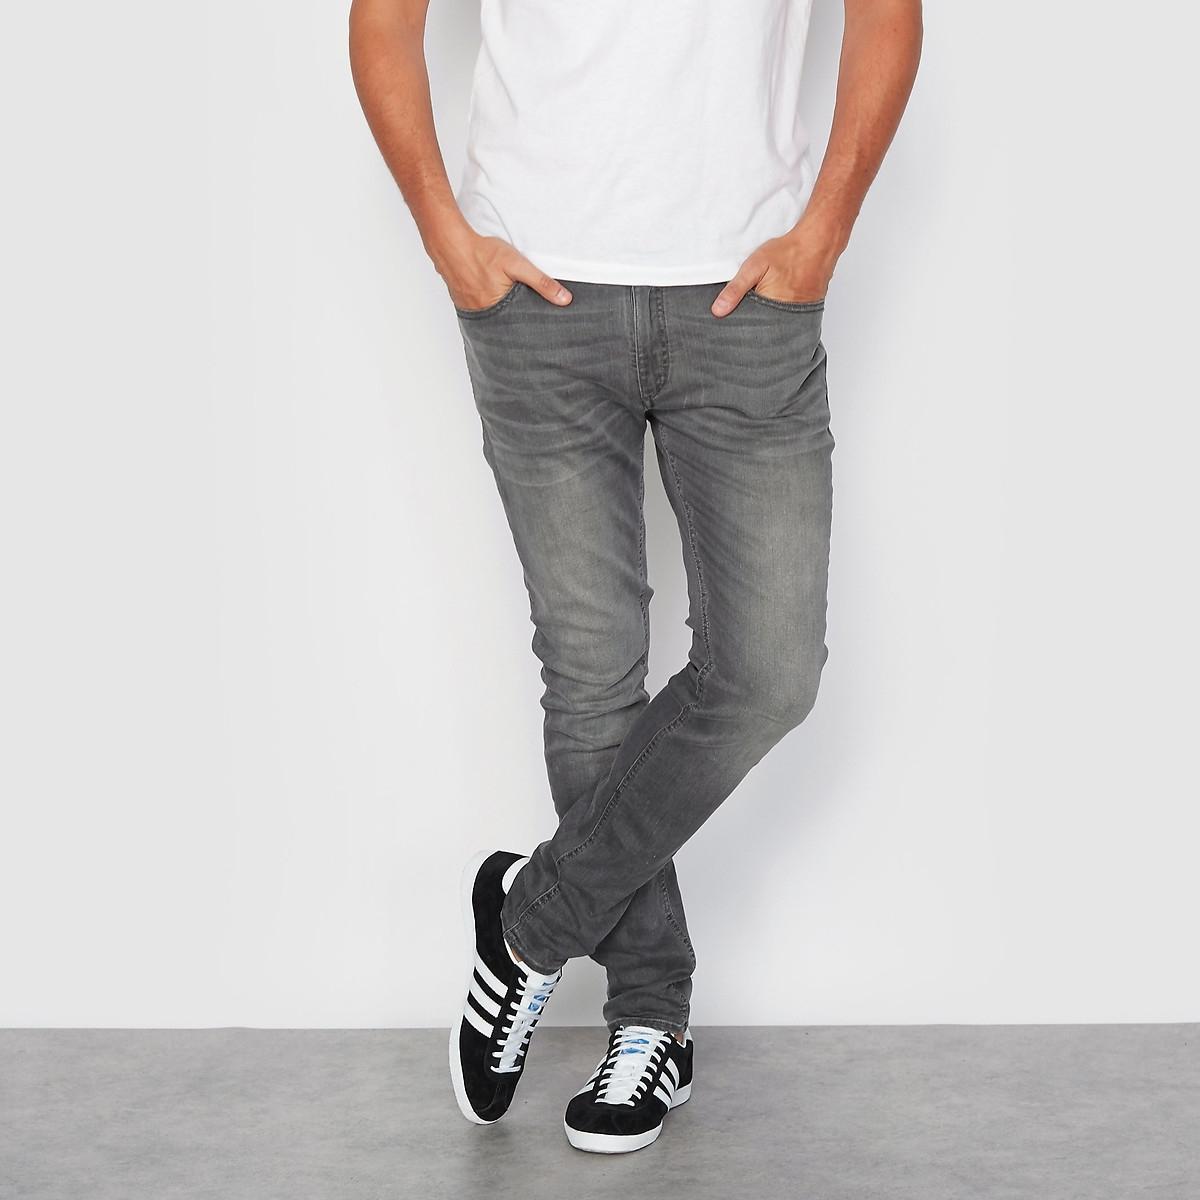 Фото - Джинсы LaRedoute Скинни 29/34 серый джинсы laredoute скинни длина 30 s черный